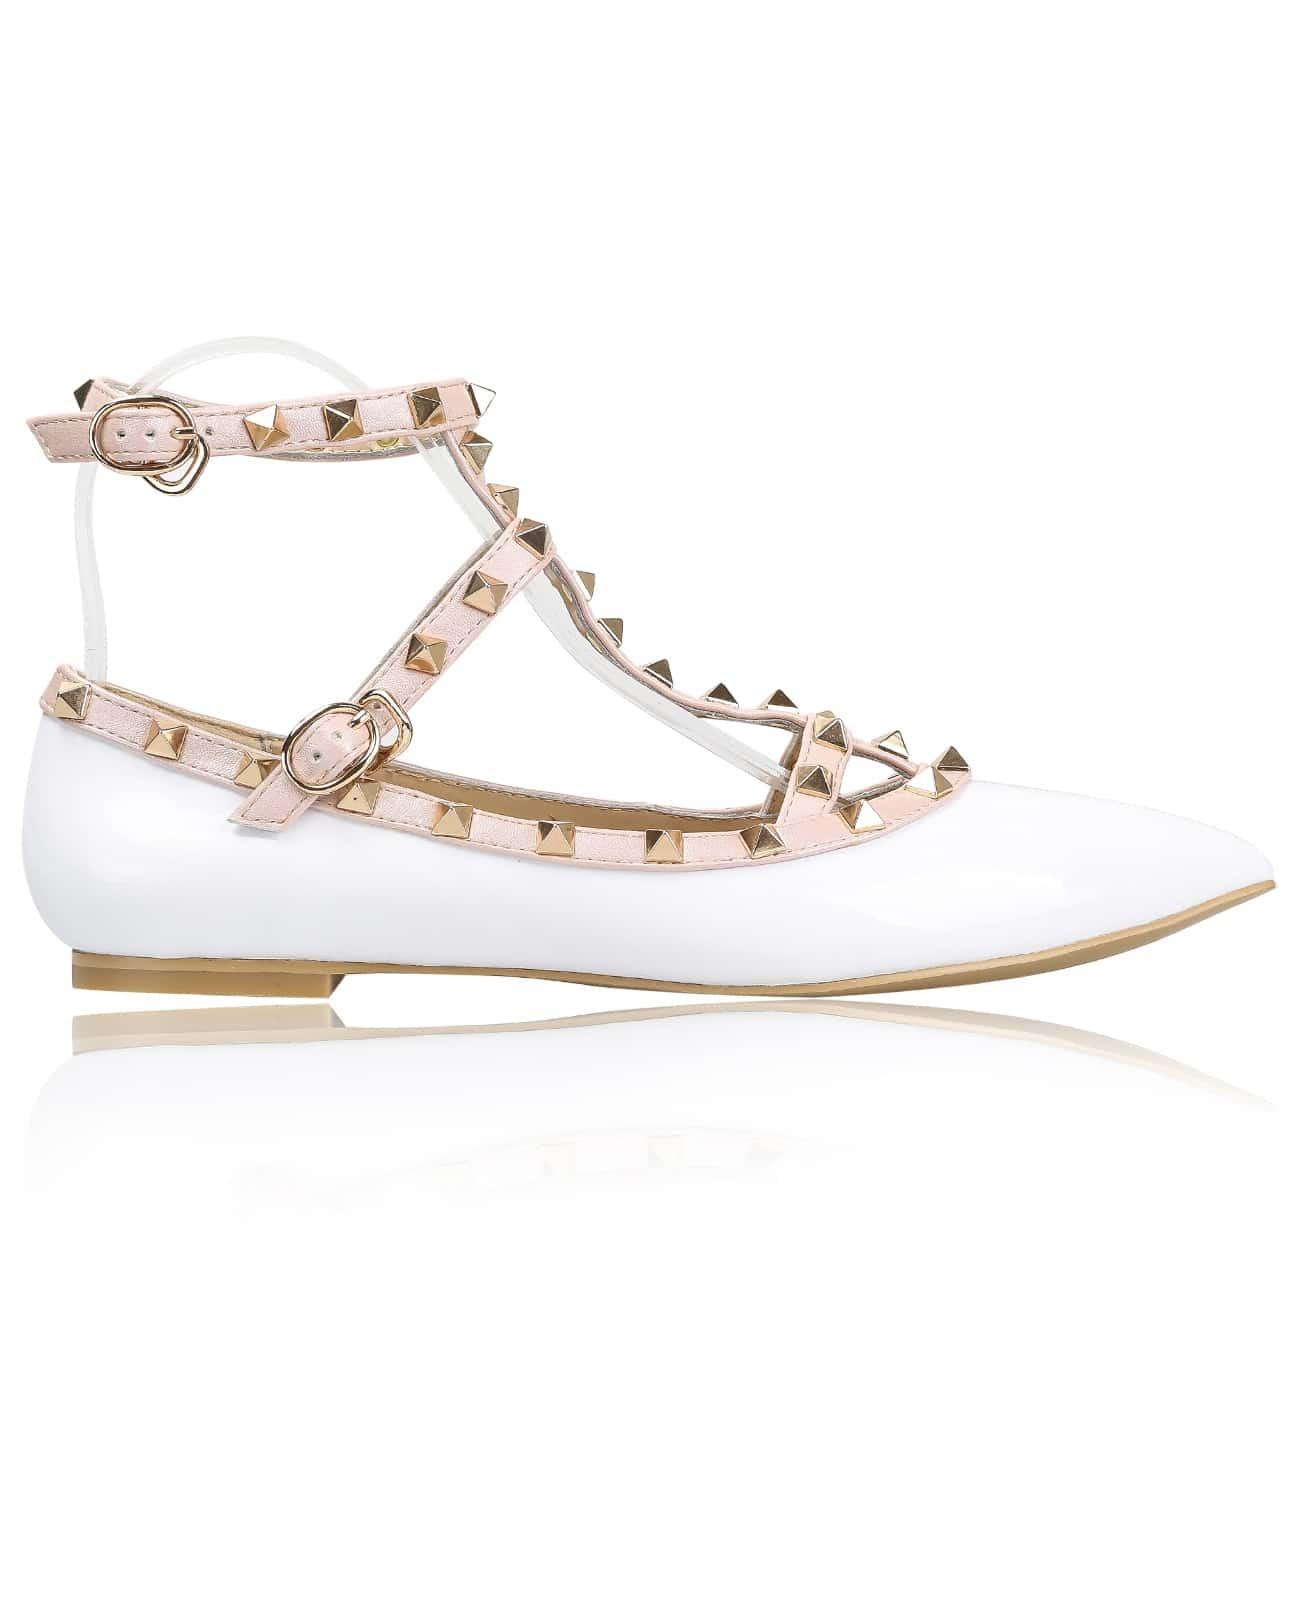 White Slingbacks Studded Point Toe Shoes